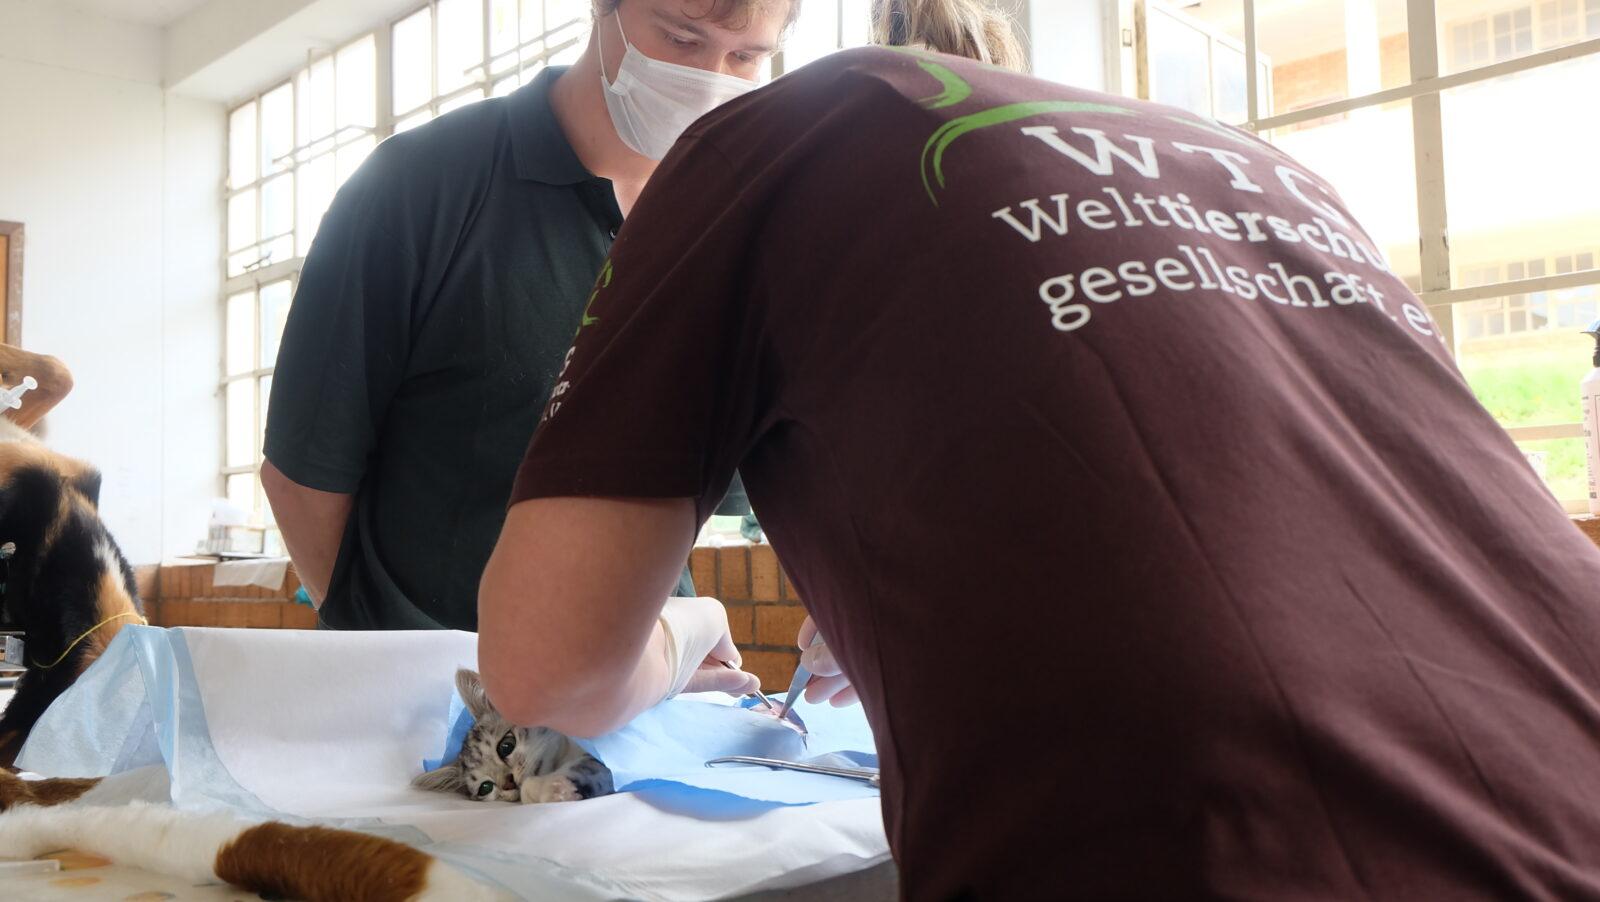 Tiermedizinstudenten der Universität Pretoria, begleiten unseren lokalen Partner während ihres letzten Studienjahres und sammeln wertvolle praktische Erfahrungen.